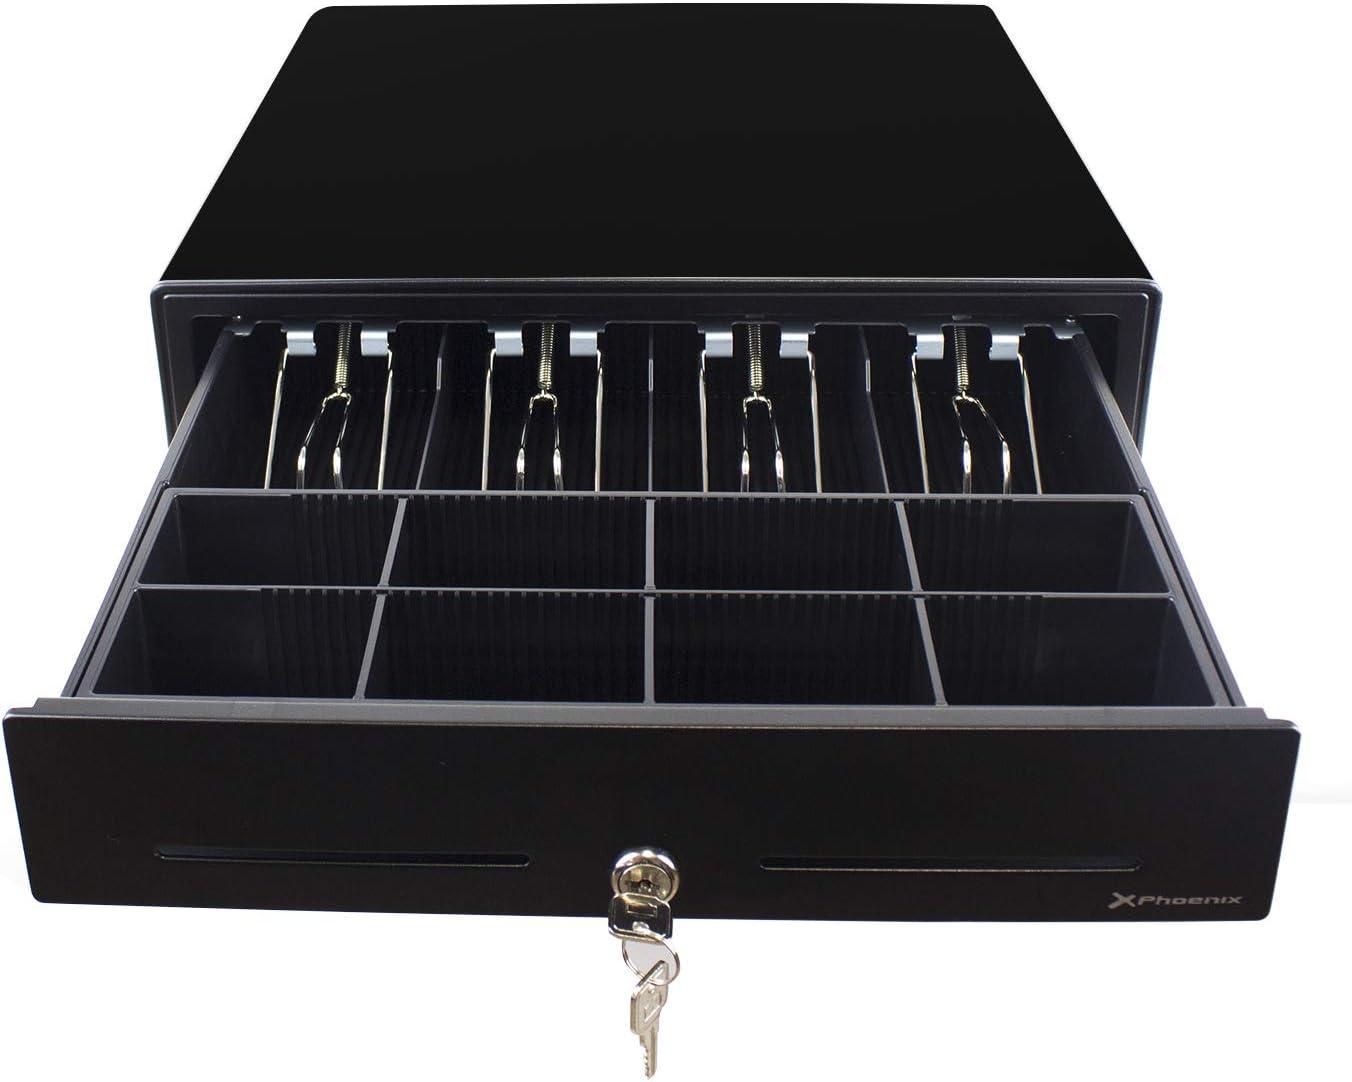 CAJONES PHOENIX TECHNOLOGIES (Negro, 41 X 42cm)